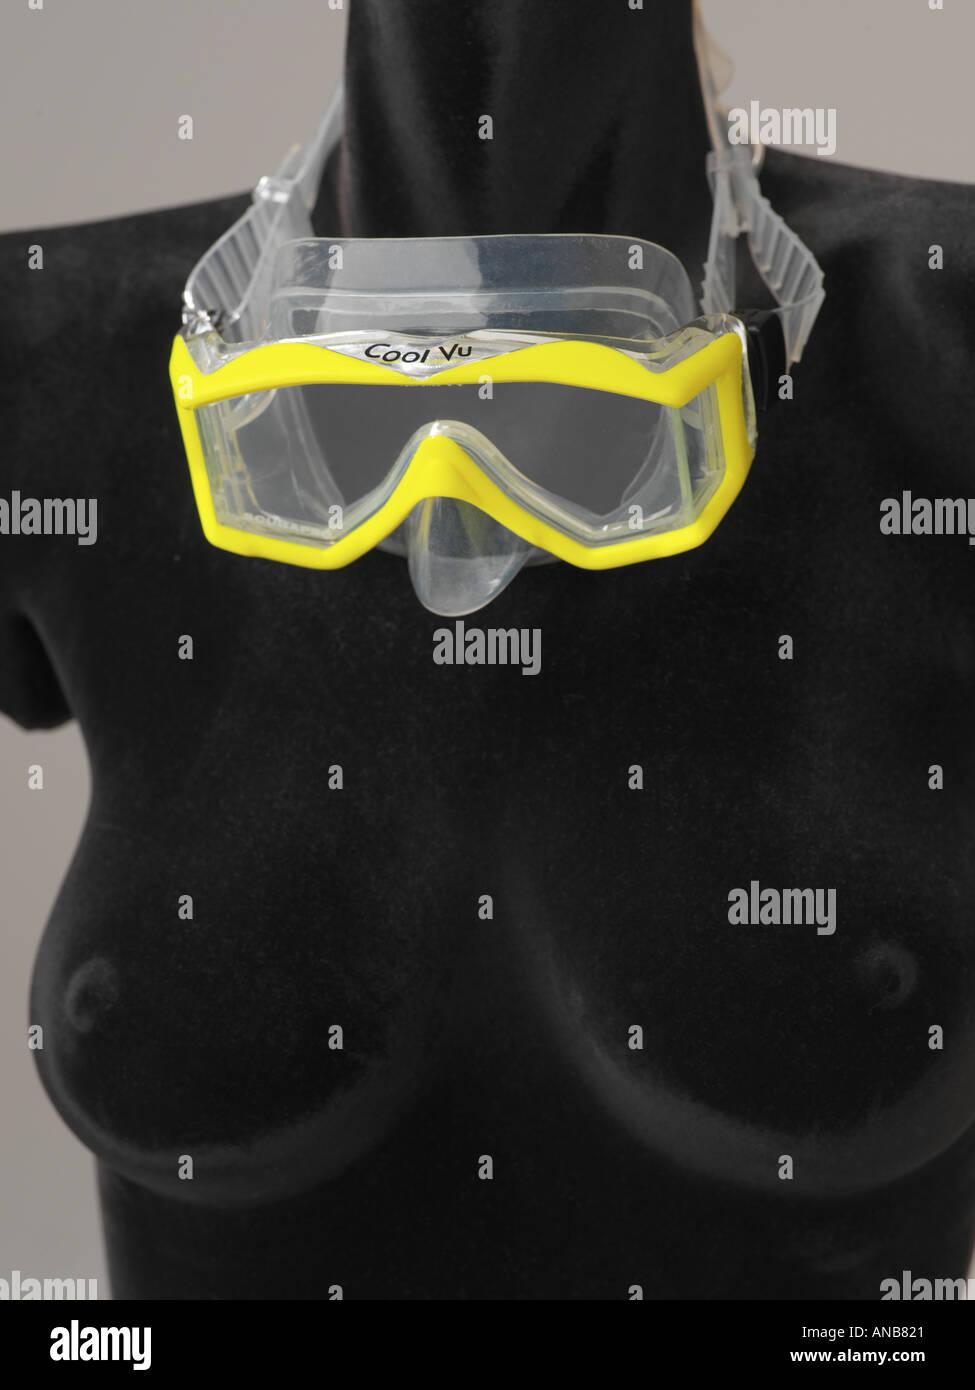 ScubaPro Cool Vu immersioni e snorkeling maschera facciale con accento giallo Immagini Stock